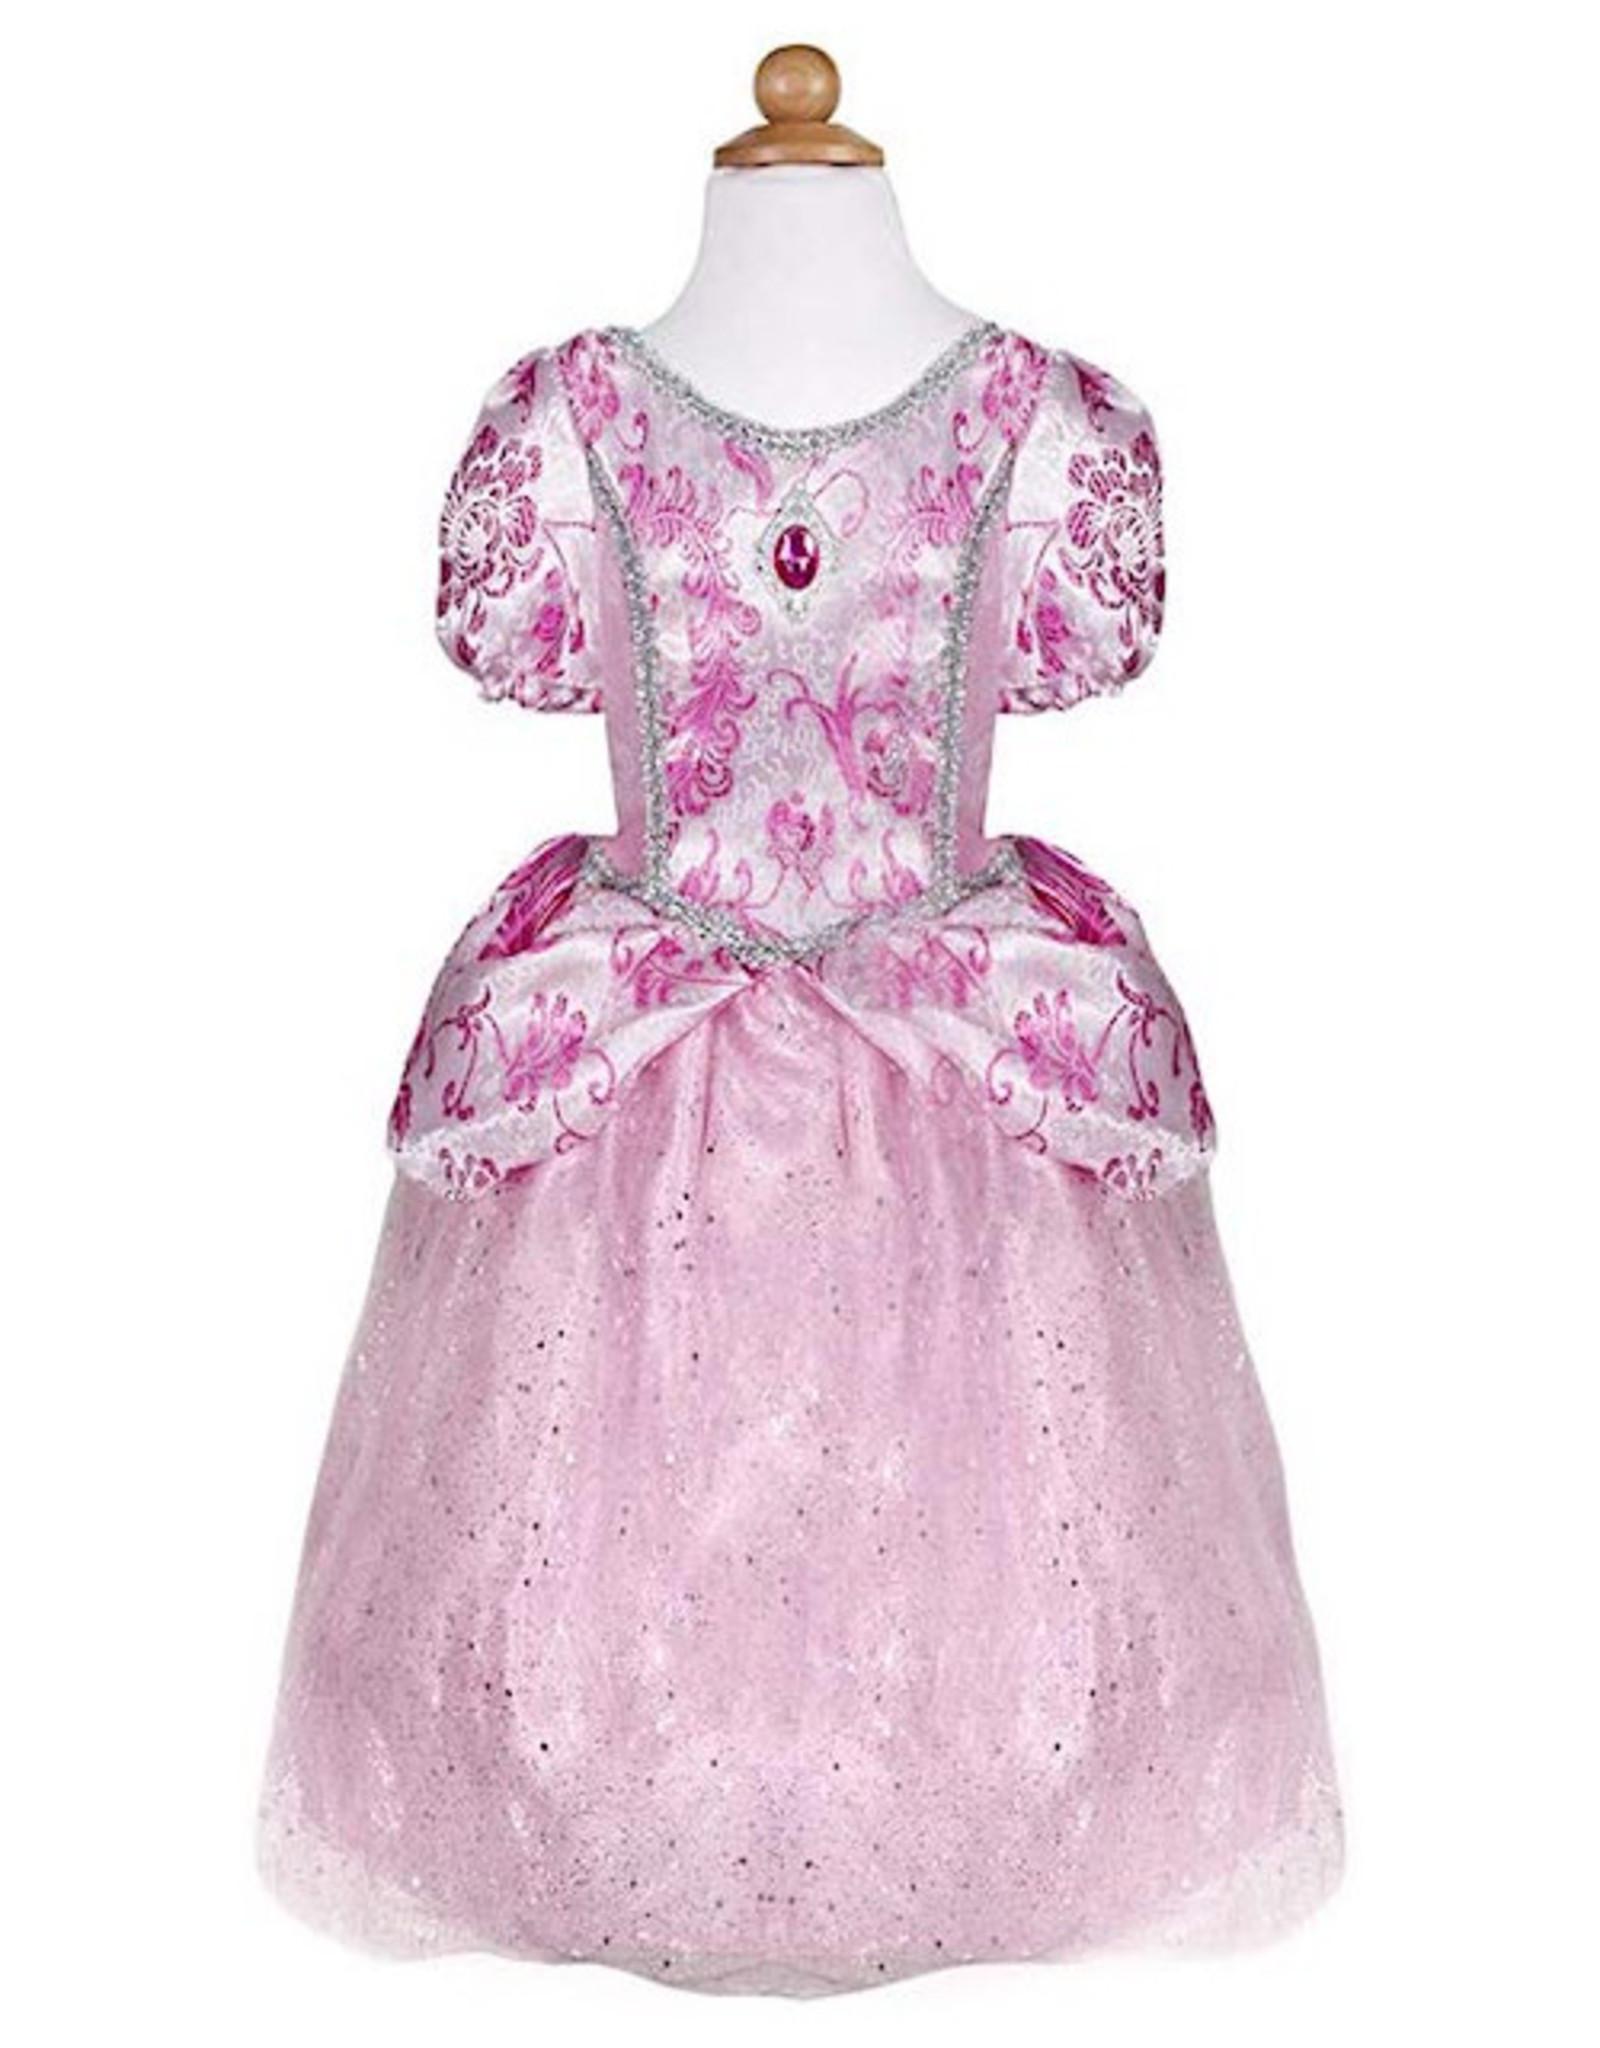 Royal Pretty Princess Dress